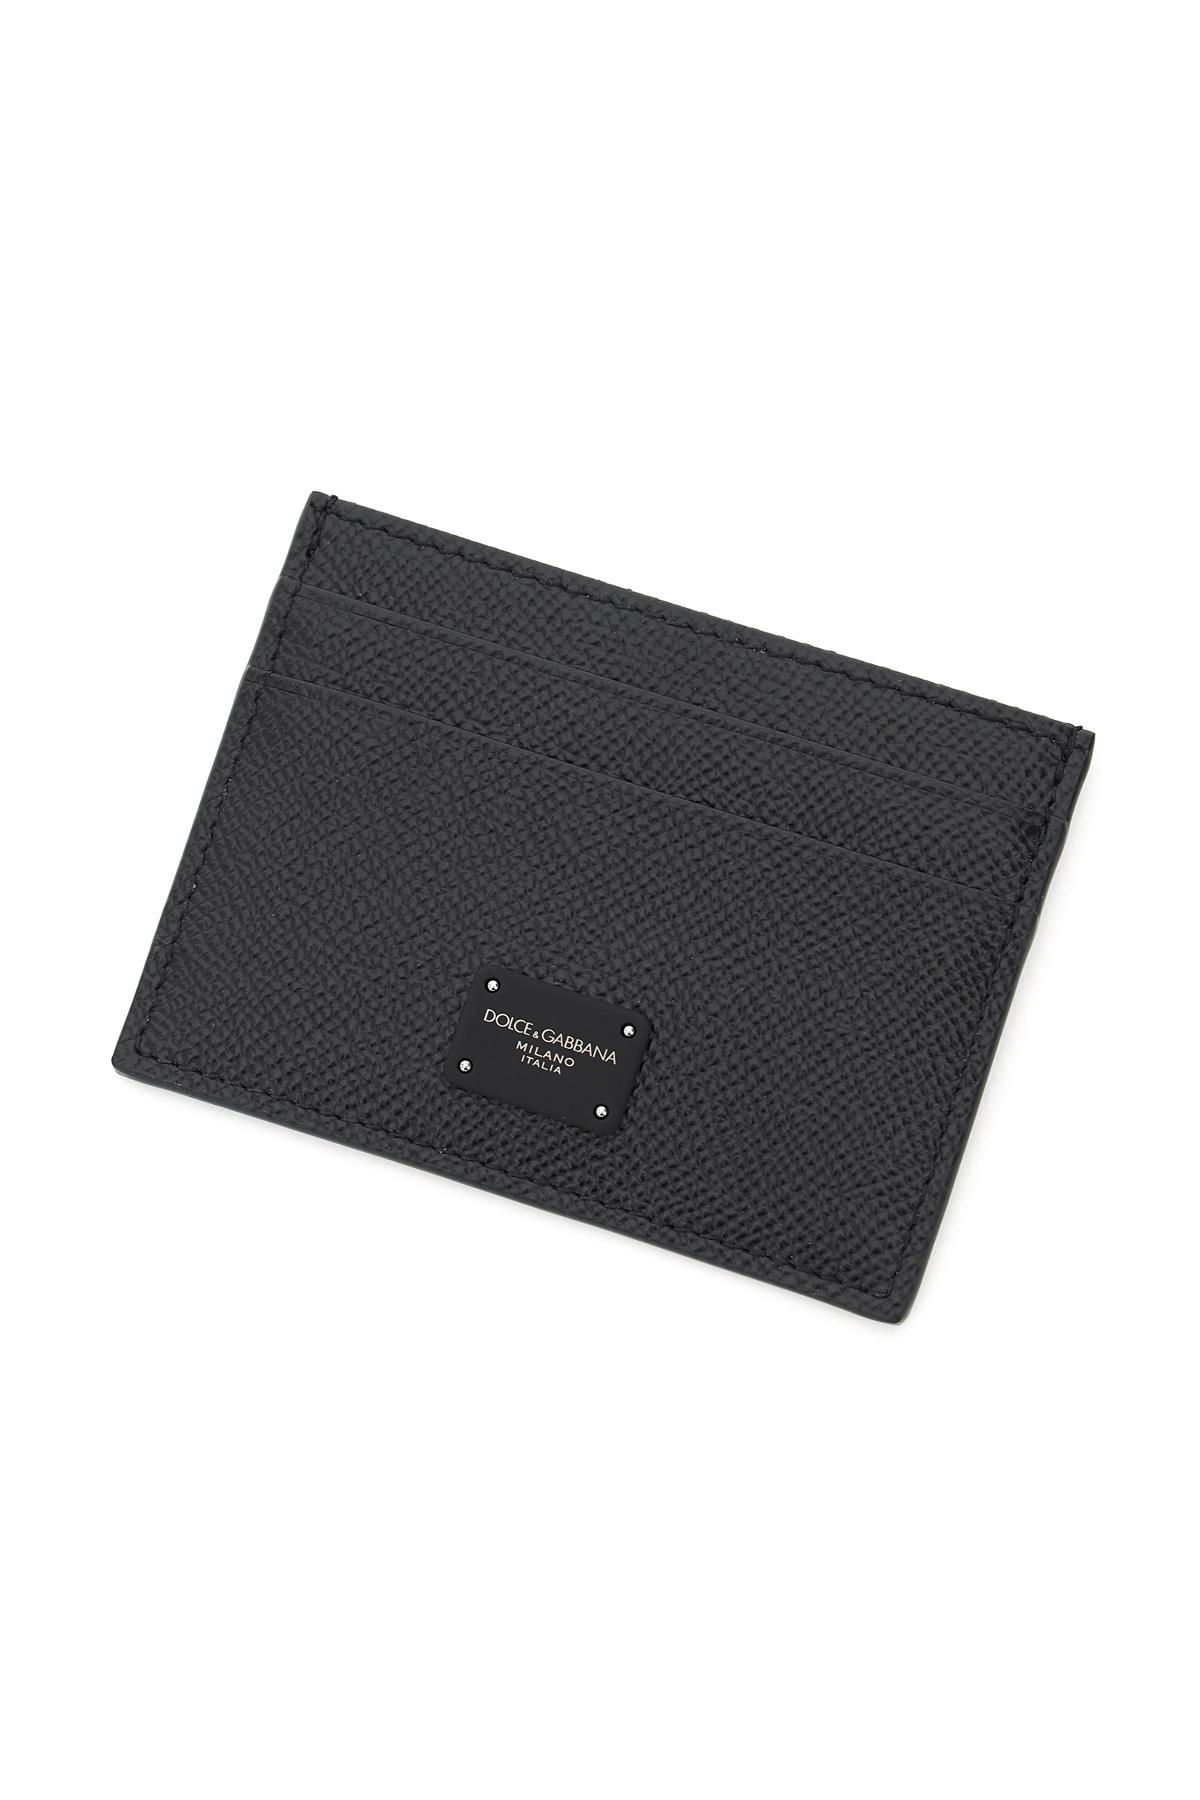 Dolce & gabbana porta carte di credito con logo